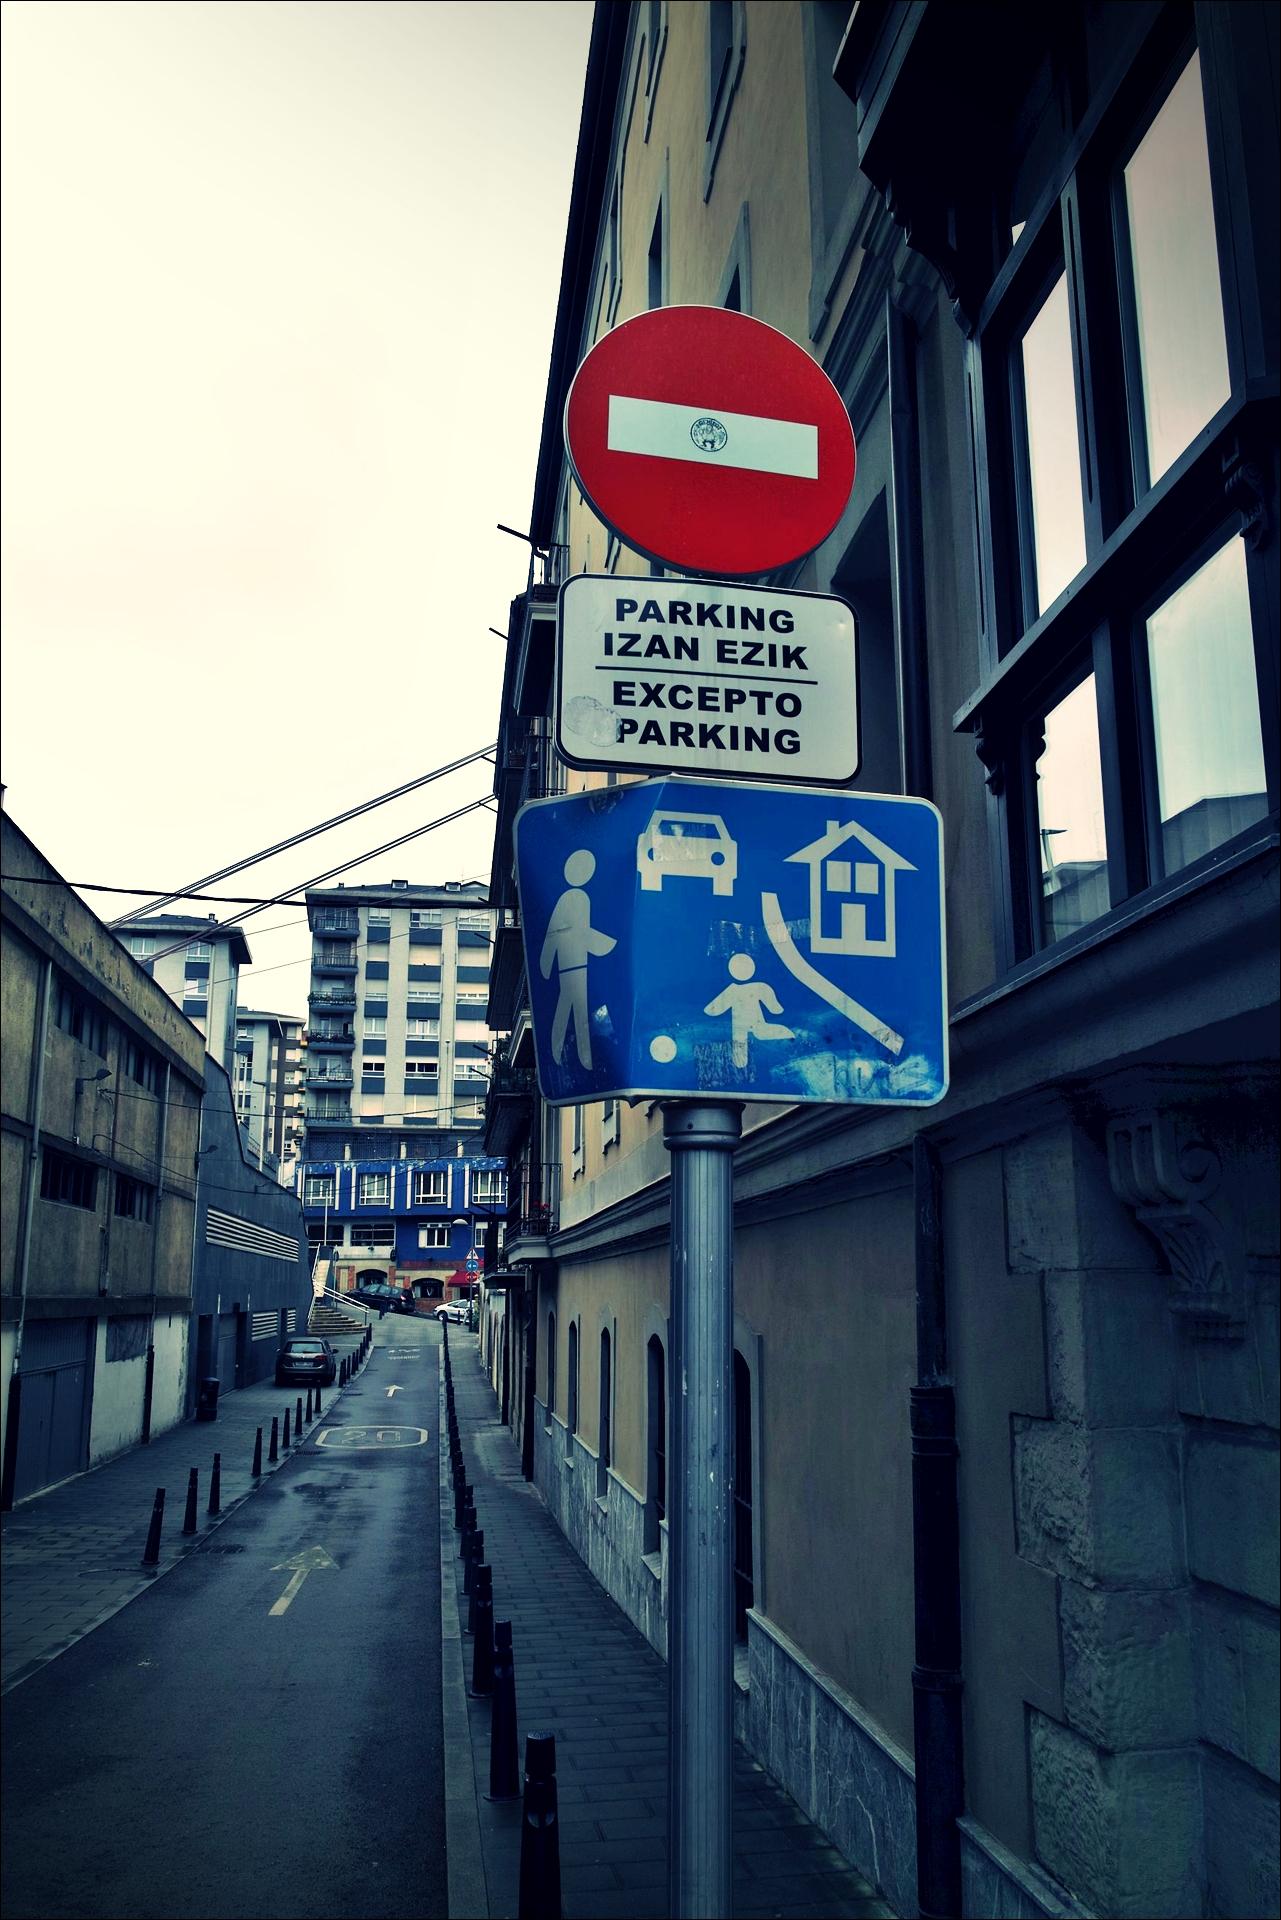 입체 표지판-'카미노 데 산티아고 북쪽길. 빌바오에서 포르투갈레테. (Camino del Norte - Bilbao to Portugalete)'